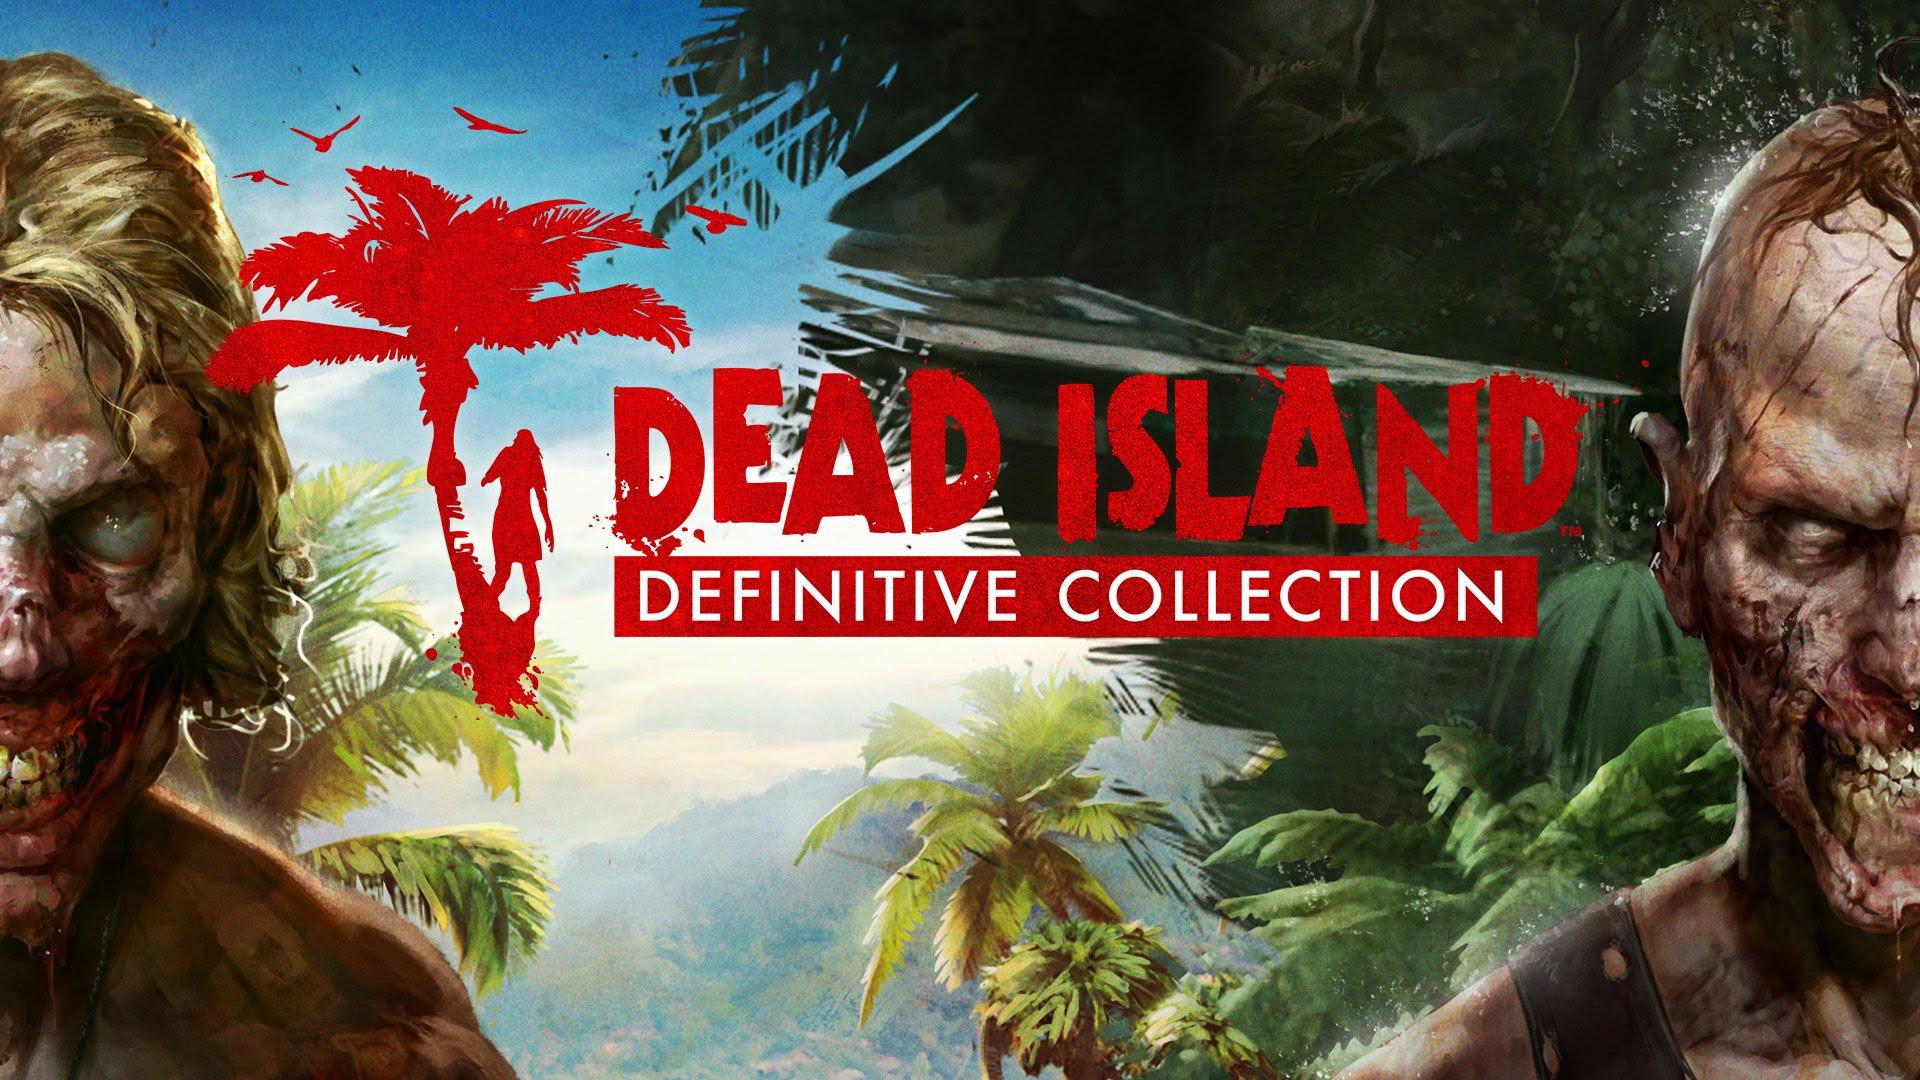 Un nou trailer Dead Island Definitive Collection ne prezintă câteva caracteristici mortale